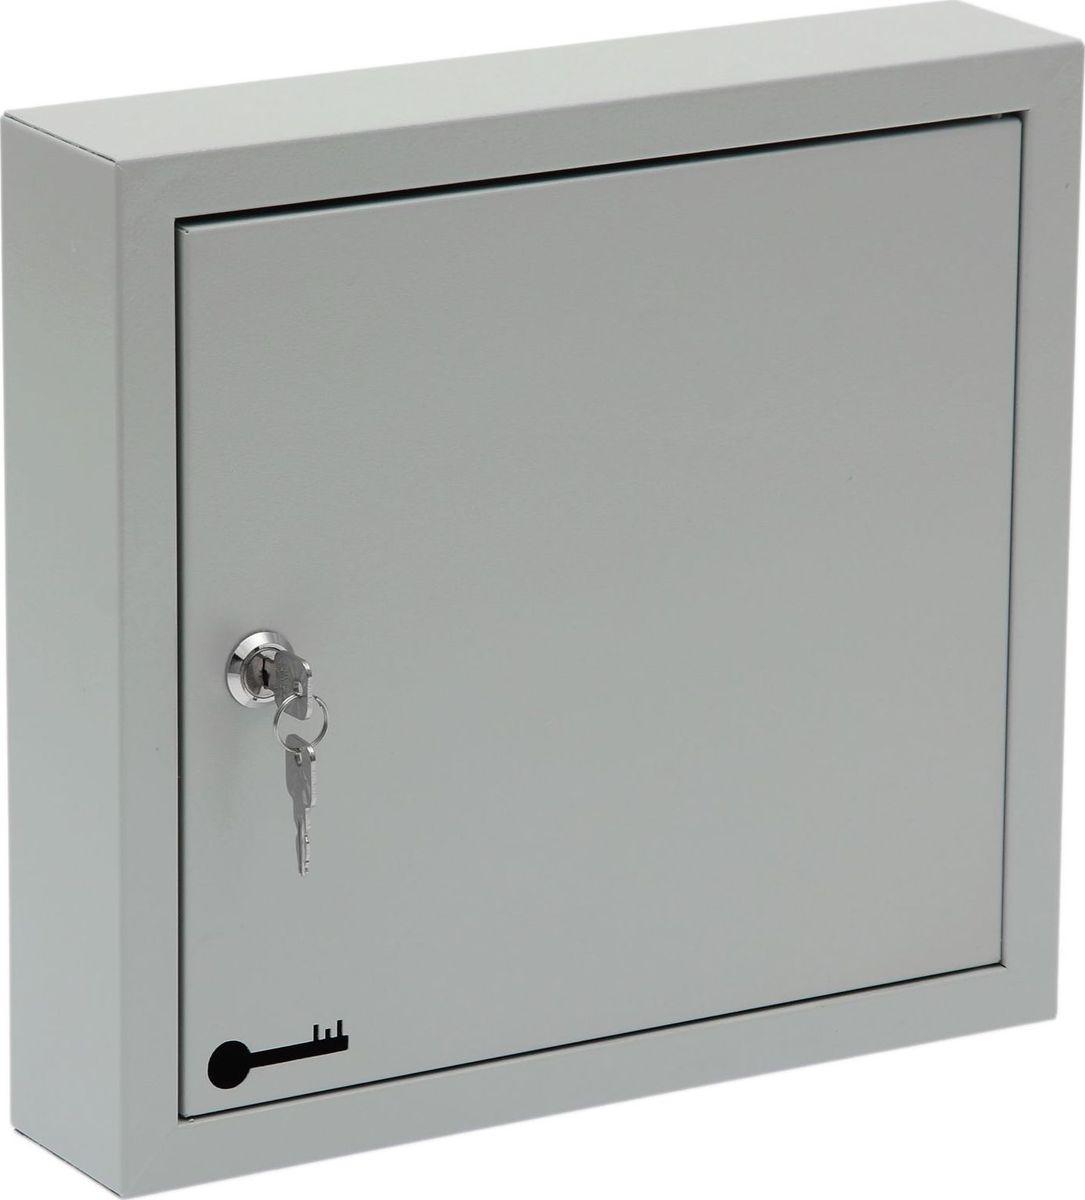 Ключница настенная ОТК, 31 х 33 х 7 см. 17238401723840Изделие предназначено для удобного и безопасного хранения большого количества ключей. Корпус и дверца выполнены из металла и закрываются на замок. Внутри имеются стальные крючки, которые, в отличие от пластмассовых, не подвержены деформации. Преимущества:- прочная стальная конструкция - предусмотрено крепление к стене - встроенный замок с ключом входит в комплект - порошковое полимерное покрытие - оптимальное соотношение цены и качества.